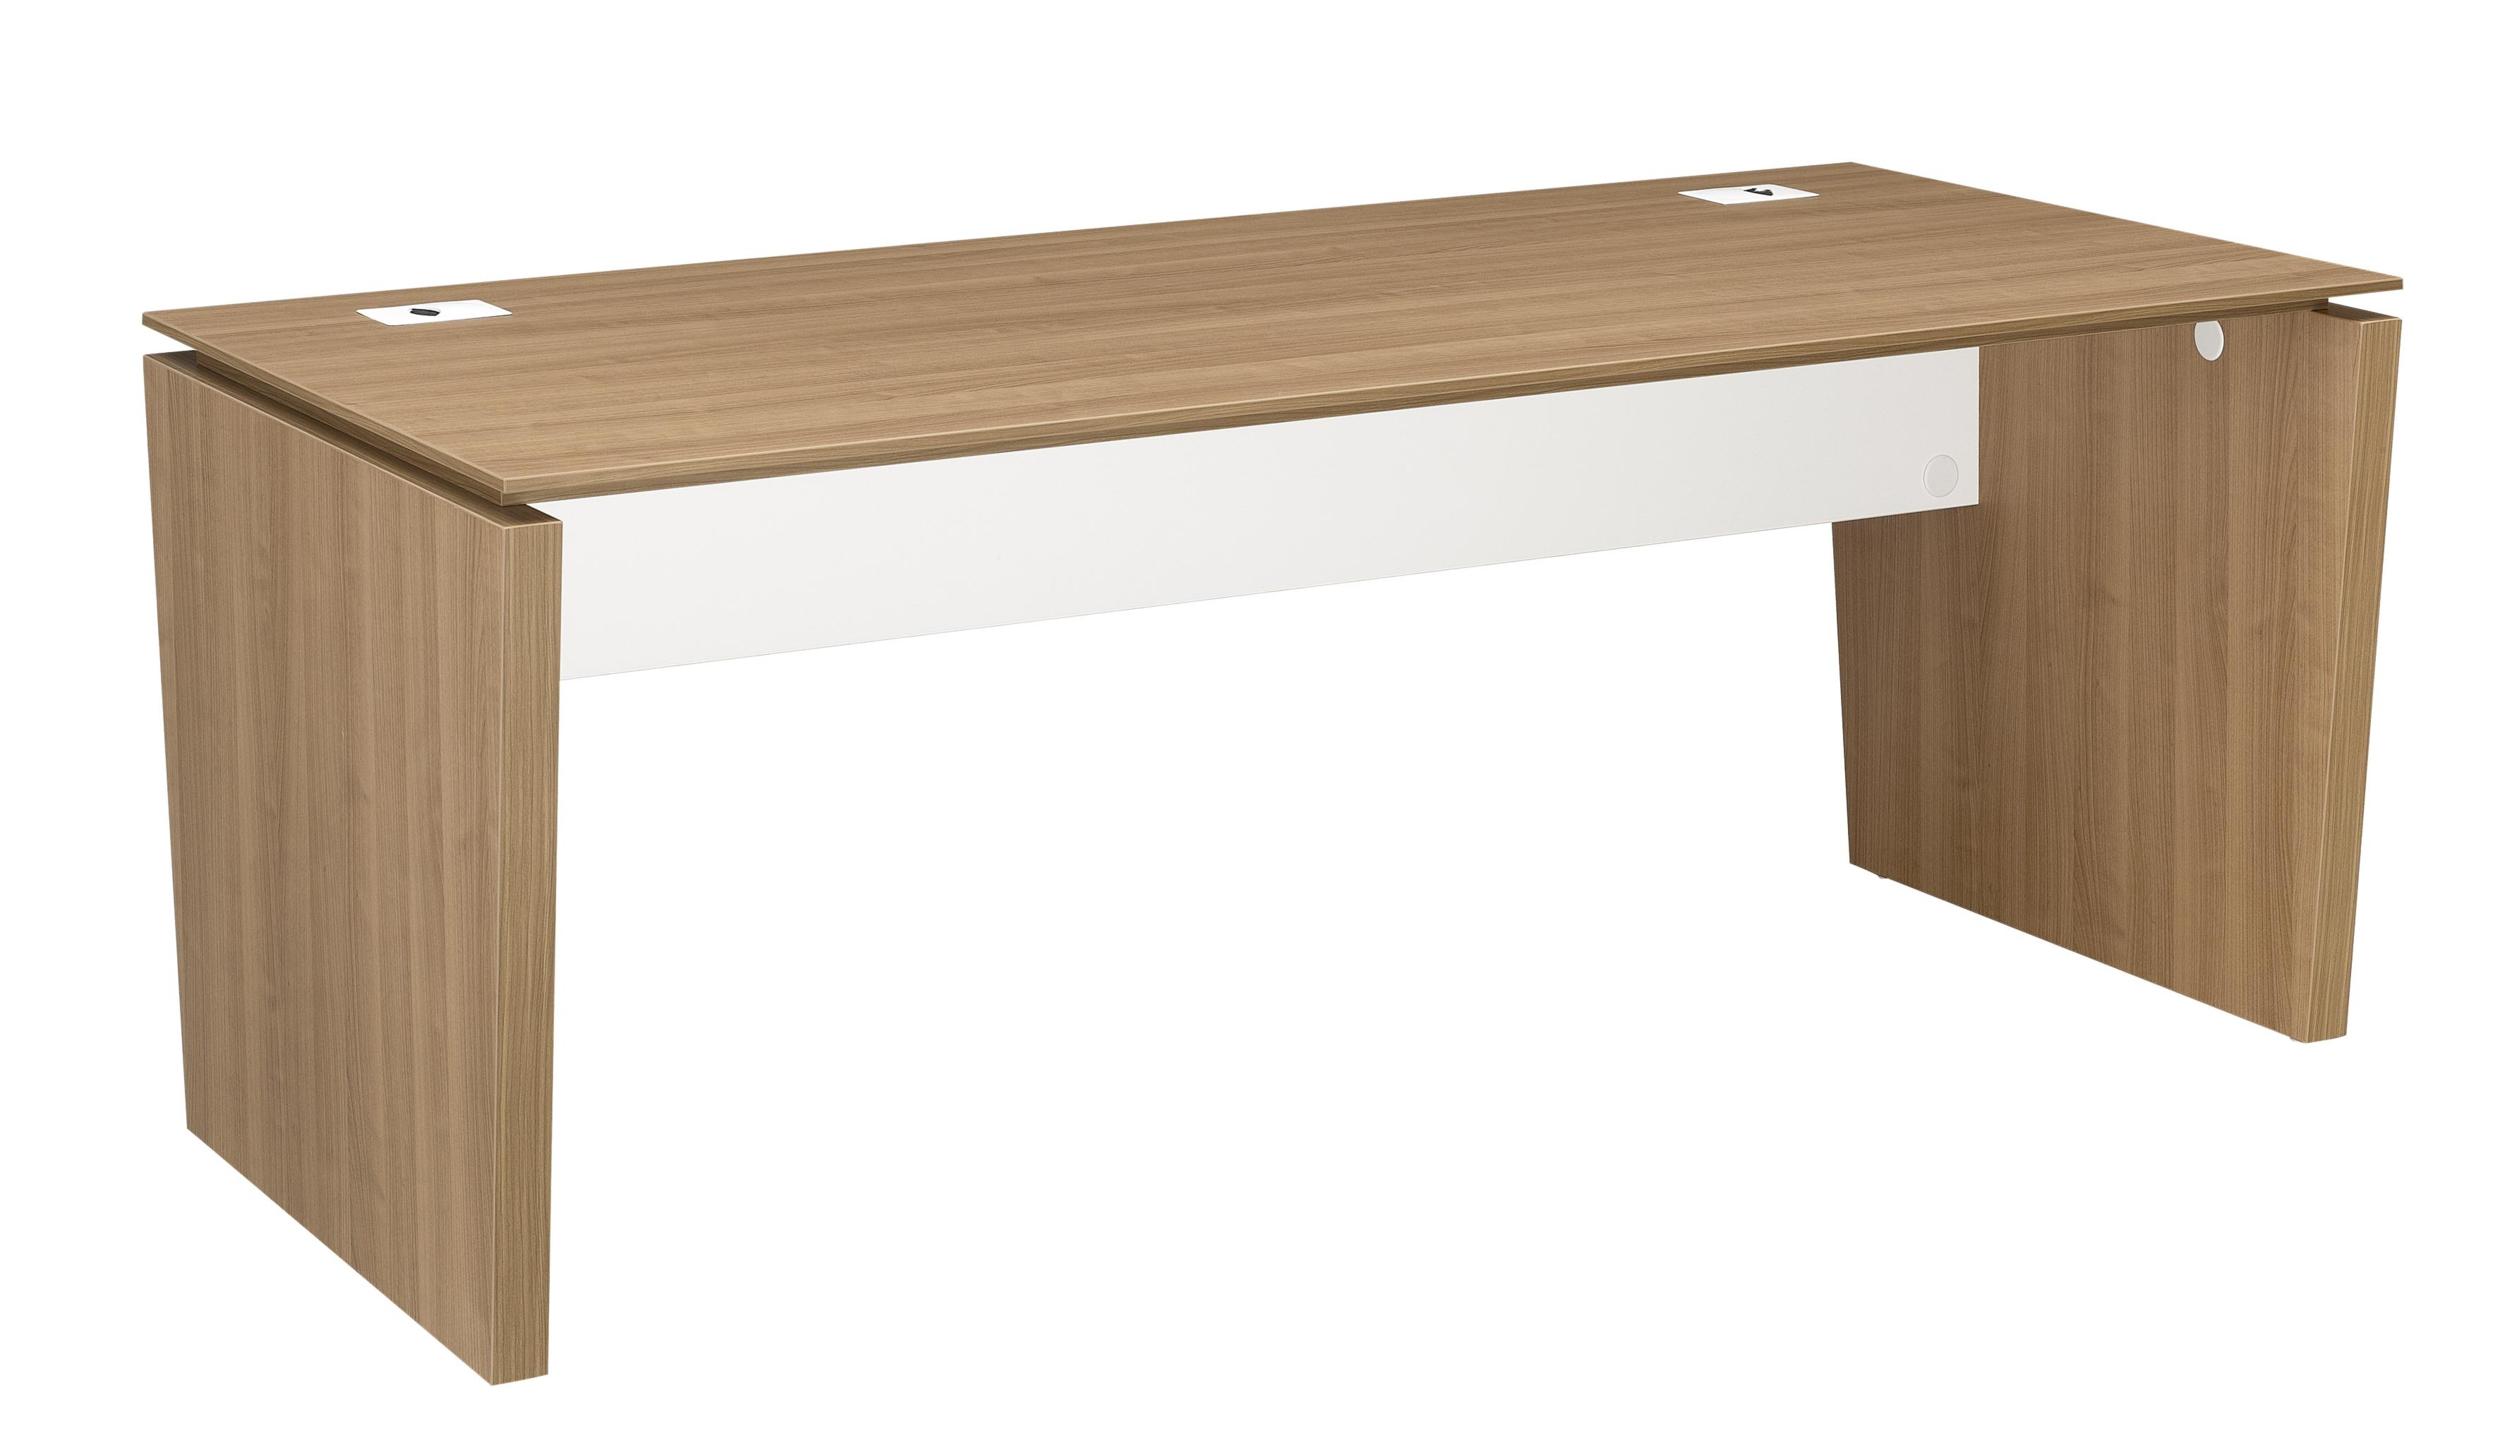 Xenon merisier bureau pieds panneaux largeur 190cm for Largeur bureau